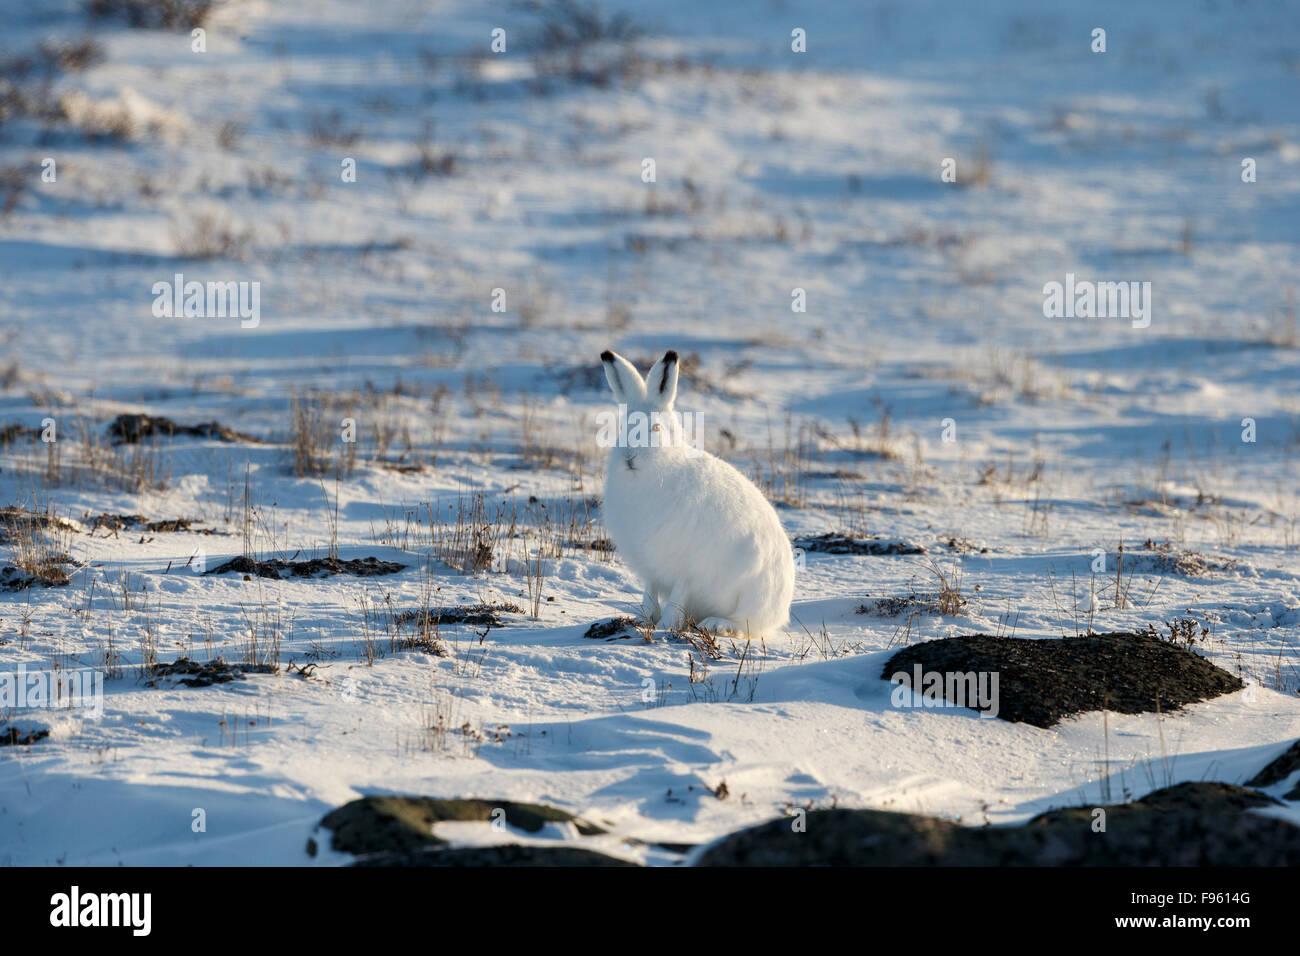 Arctic hare (Lepus arcticus), in winter pelage, Cape Churchill, Wapusk National Park, Manitoba. - Stock Image